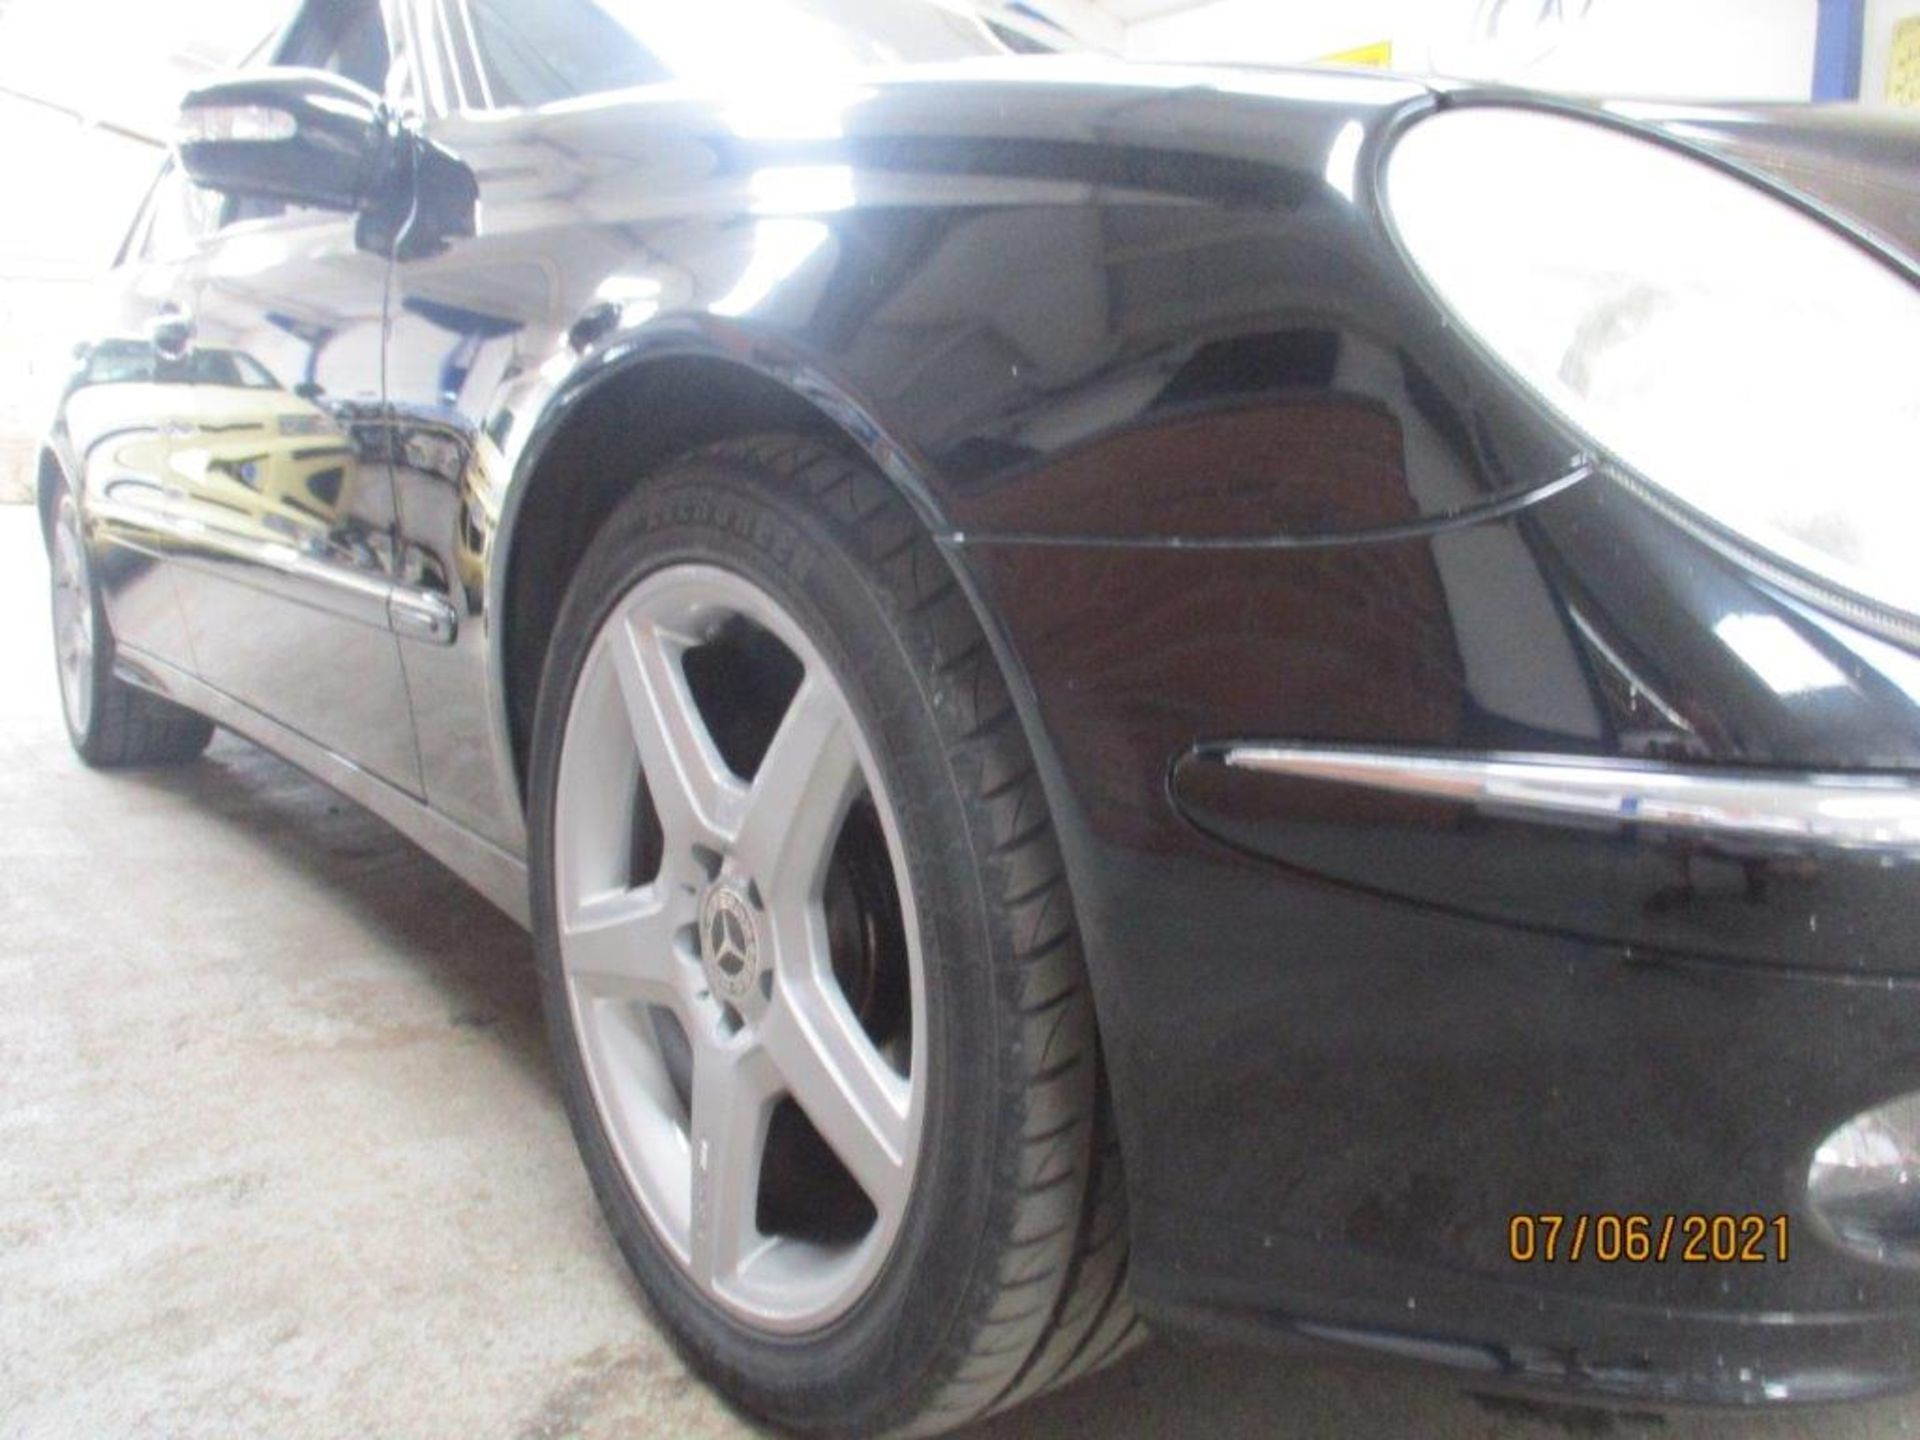 55 05 Mercedes E320 CDI Avantagarde - Image 15 of 19